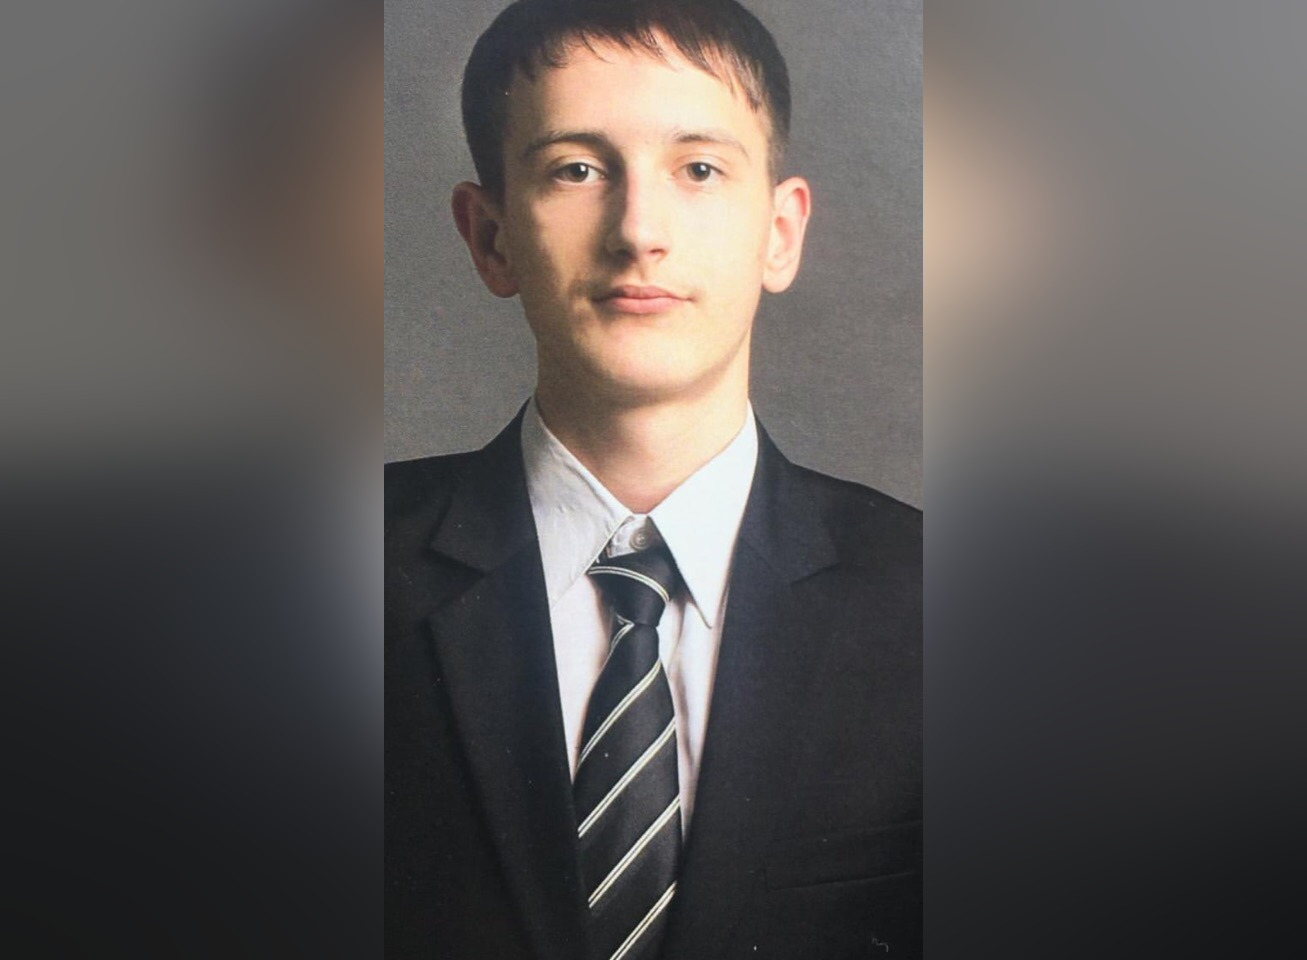 В Уфе пропавшего три недели назад Николая Левчука нашли в заброшенном доме